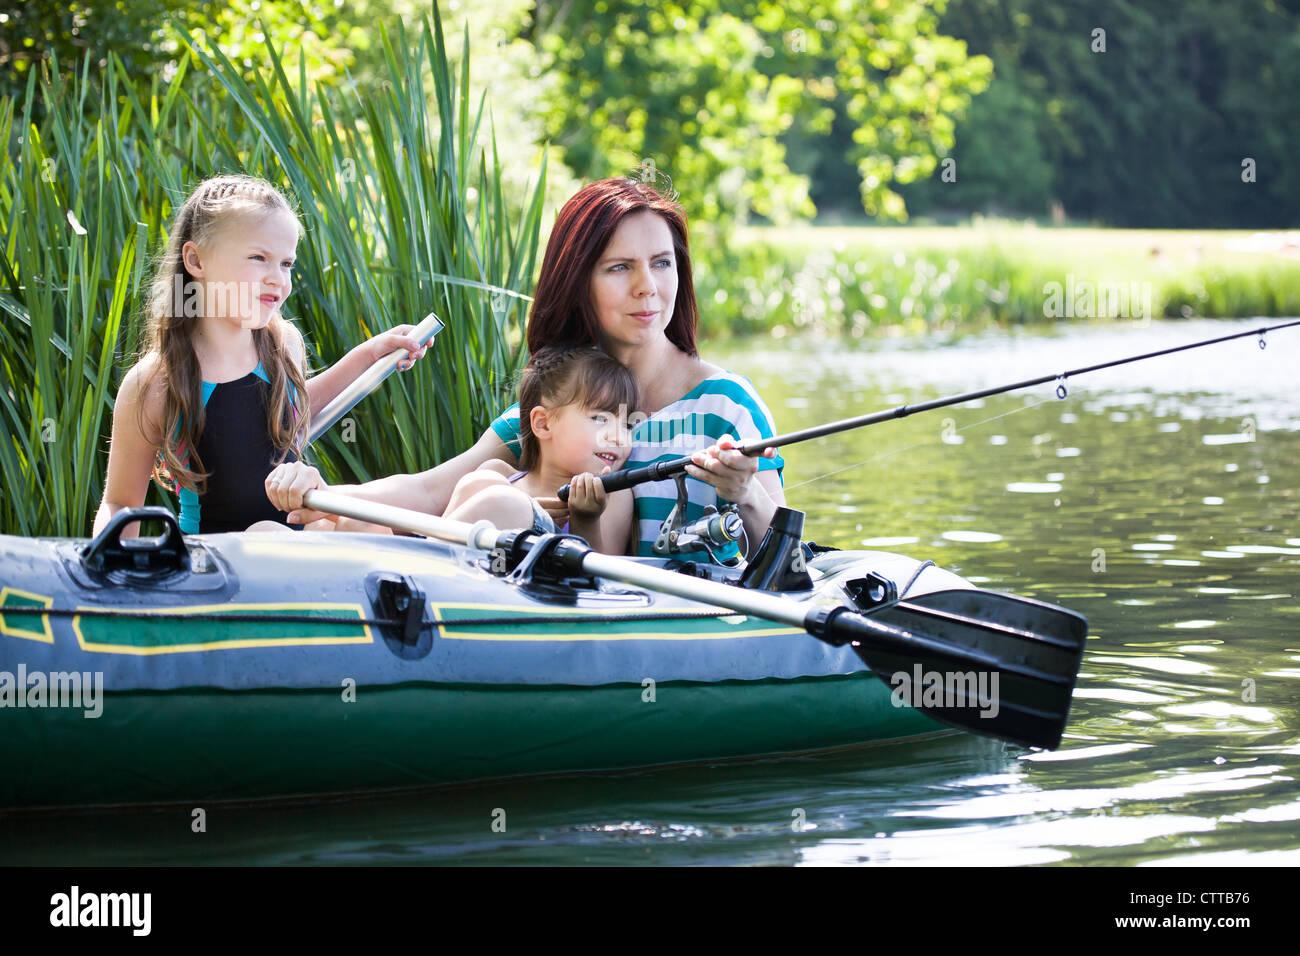 Pesca en el lago de la familia en el verano Imagen De Stock